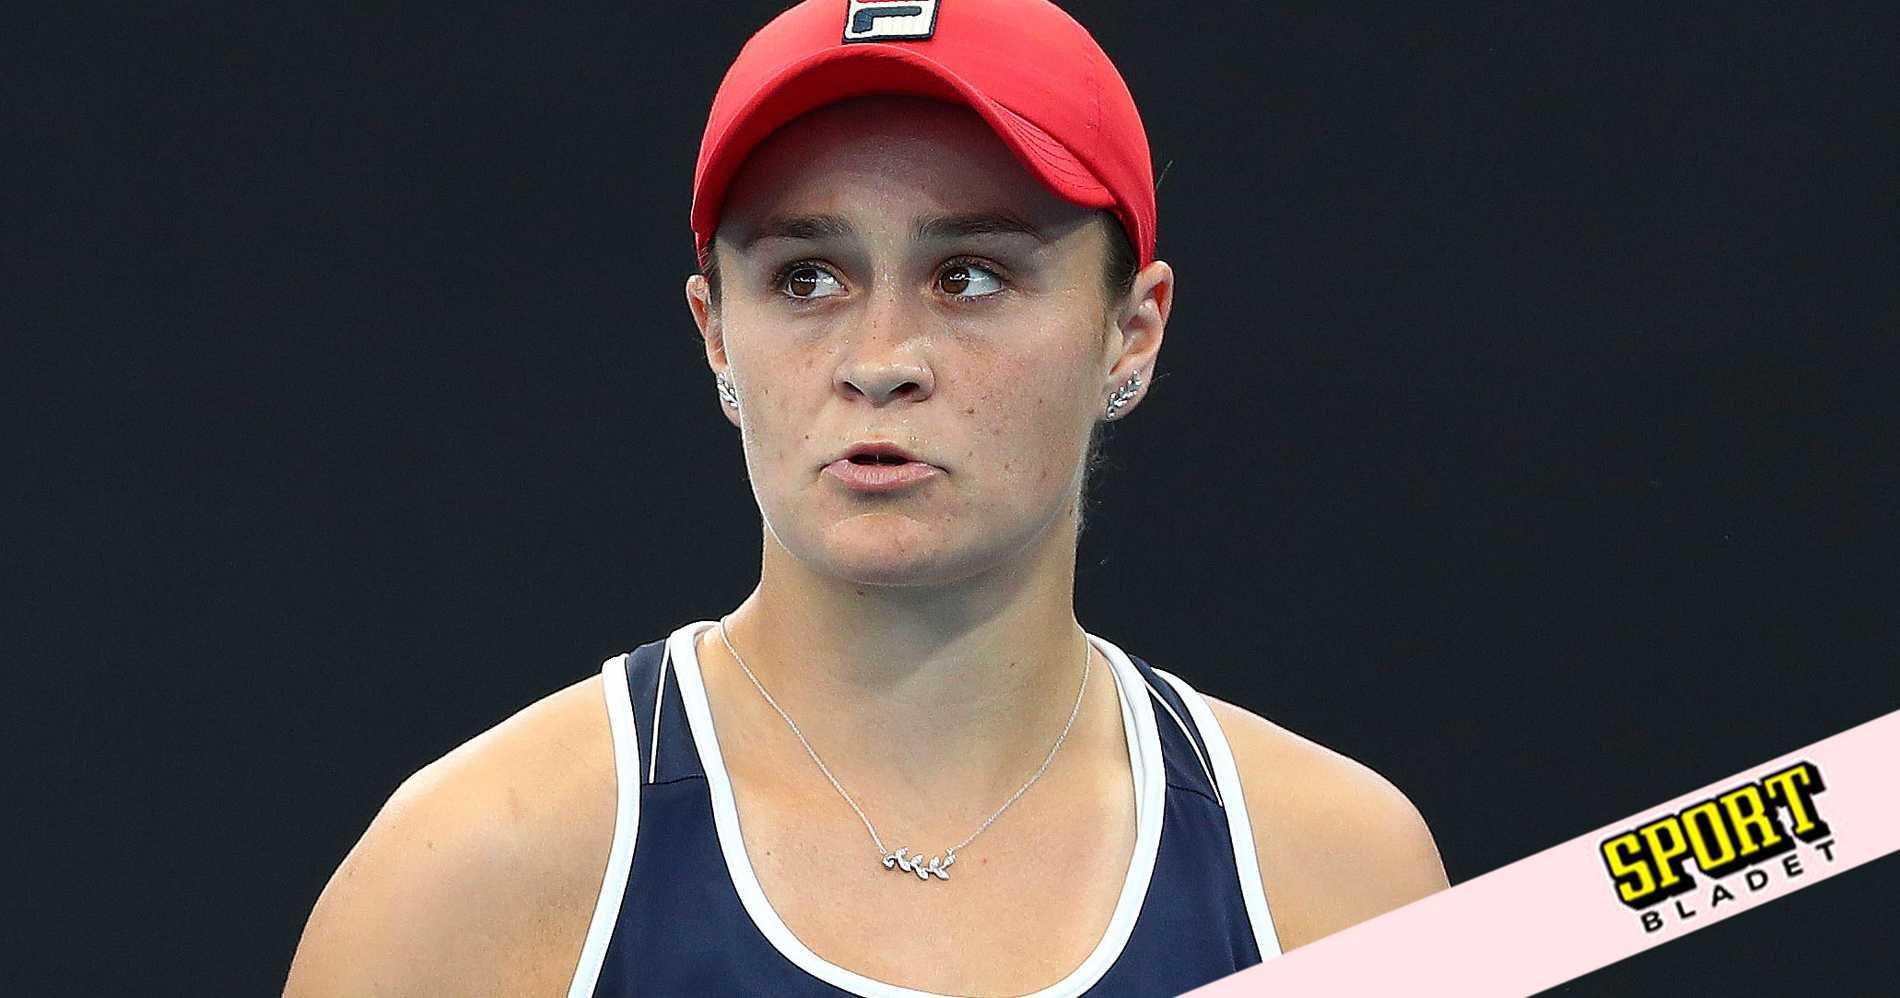 Världsettan hoppar av US Open